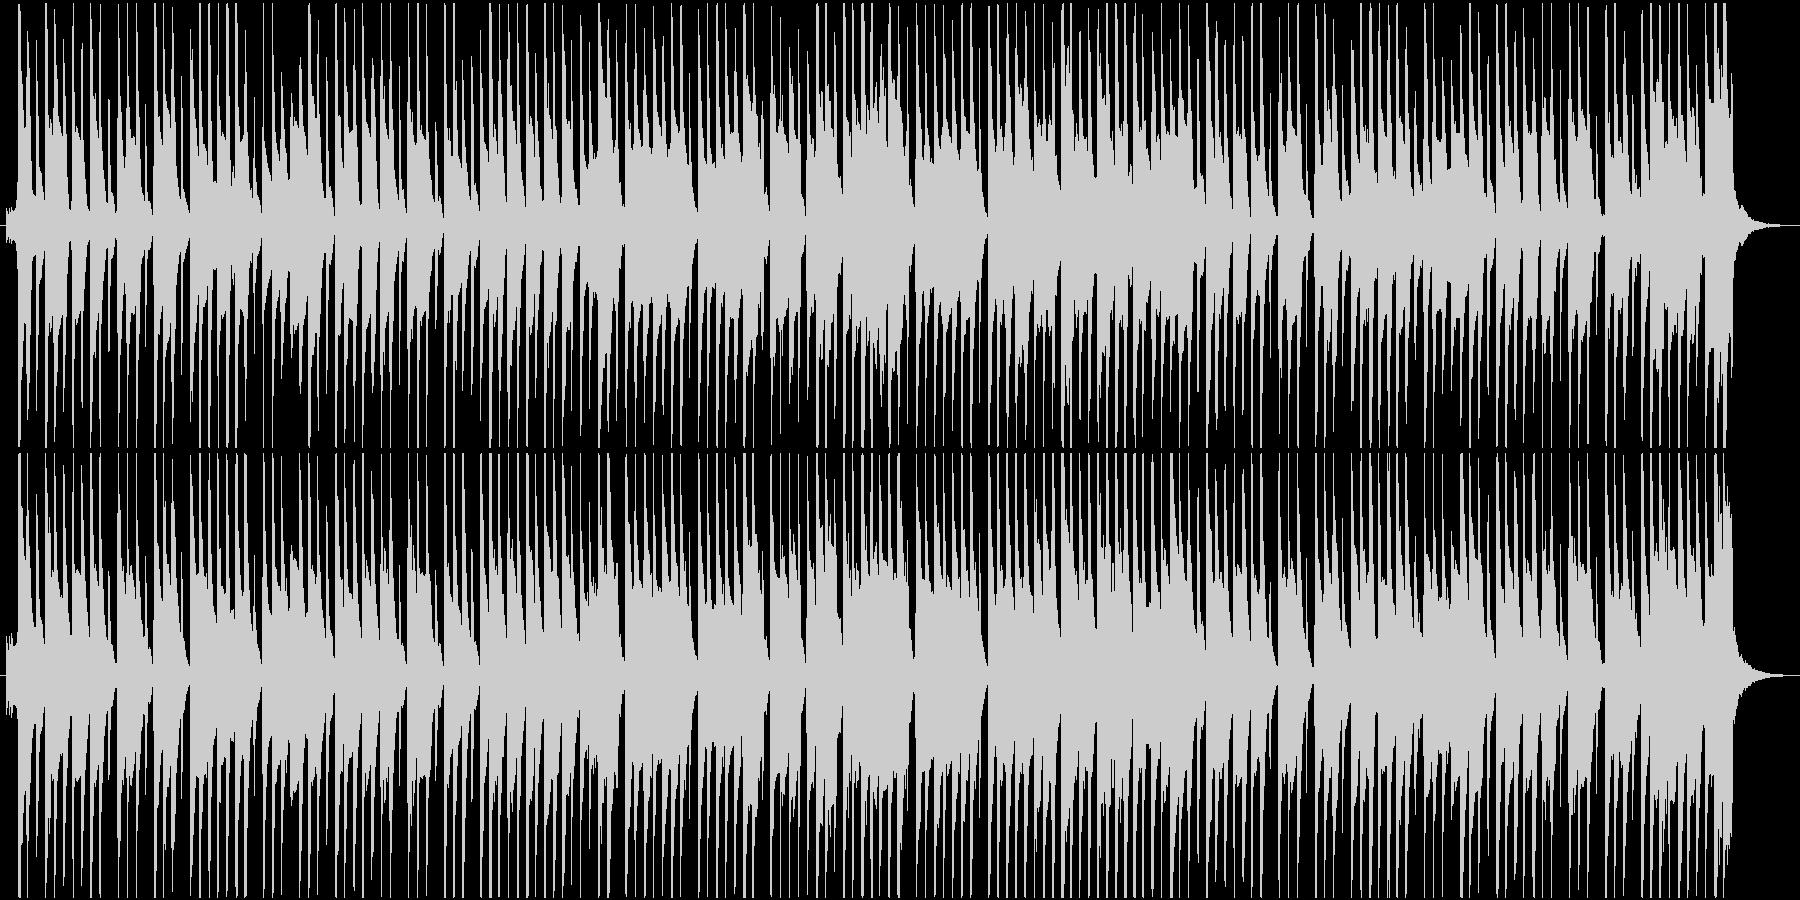 ほのぼのしたお気楽な木琴のジングルの未再生の波形